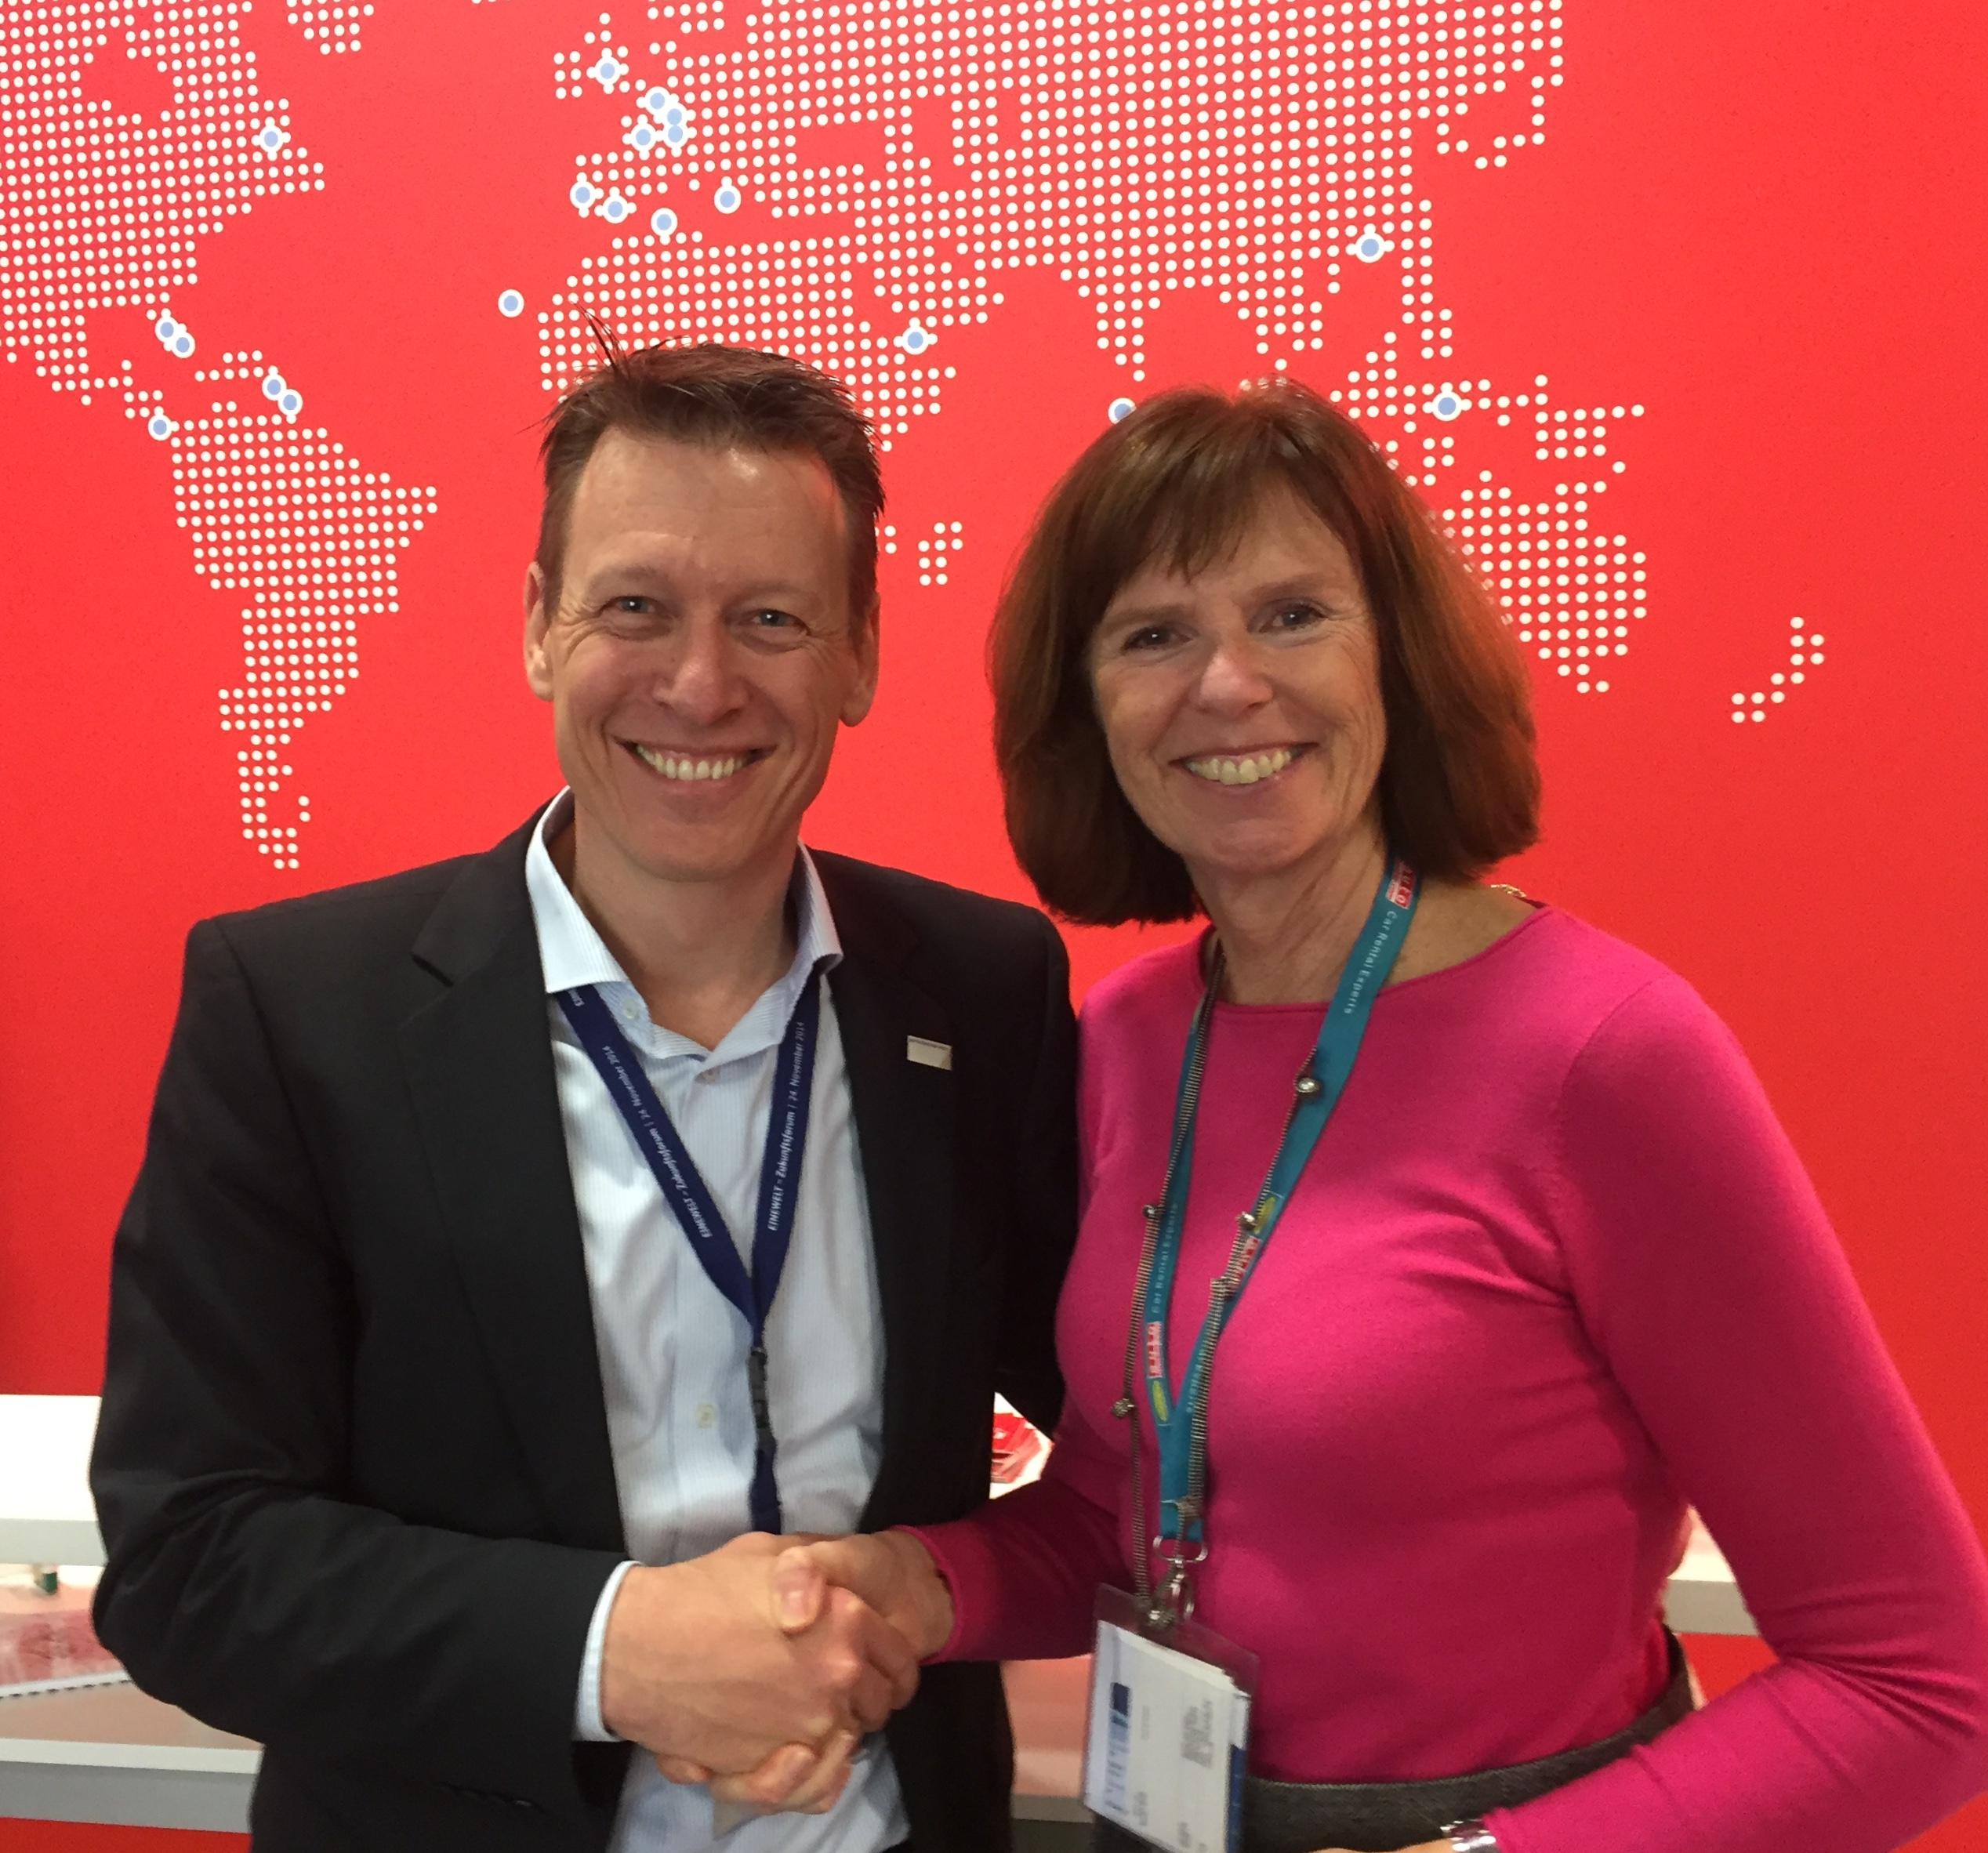 Prof. Dr. Harald Zeiss und Dorothea Hohn besiegeln die Zusammenarbeit von Futouris und GCE, Nachhaltigkeitsinitiative